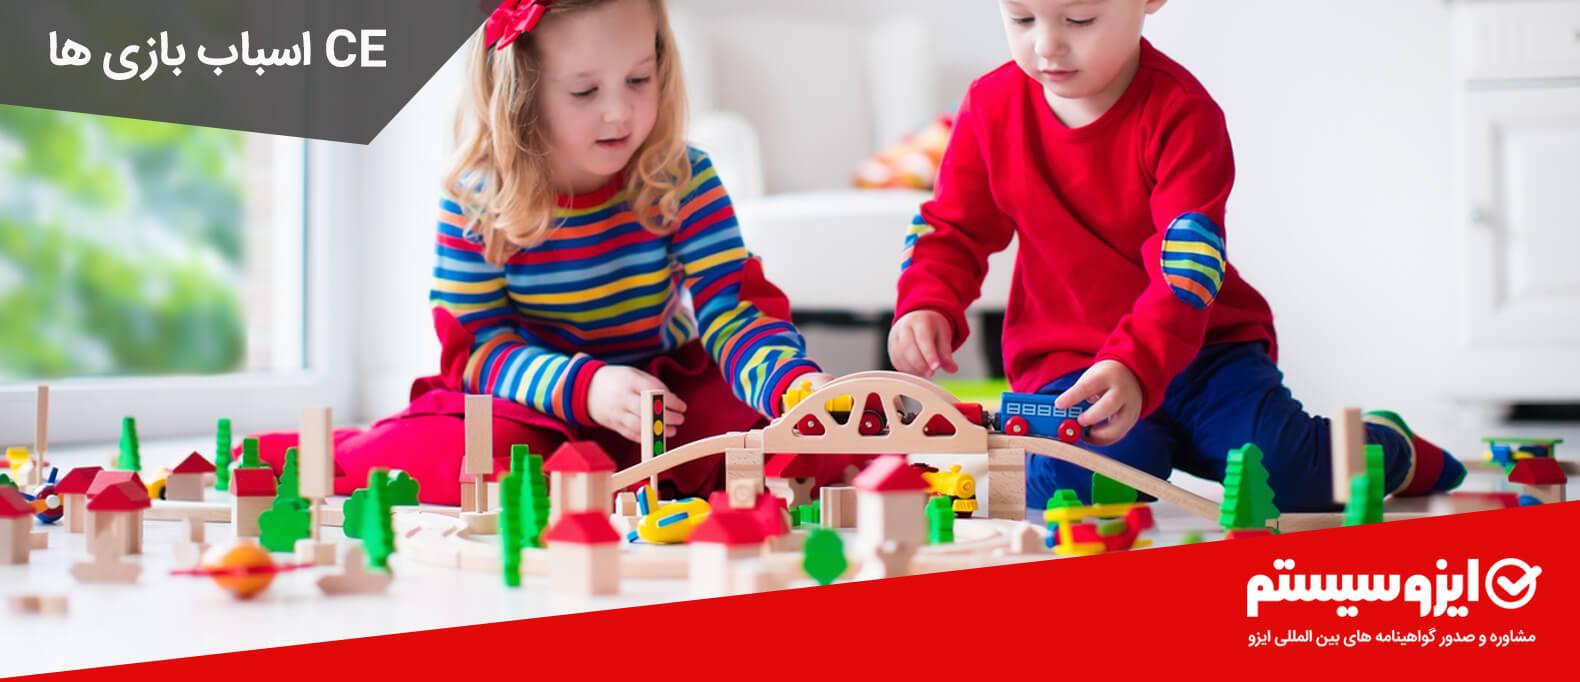 آشنایی با CE محصولات بازی  (اسباب بازی ها)